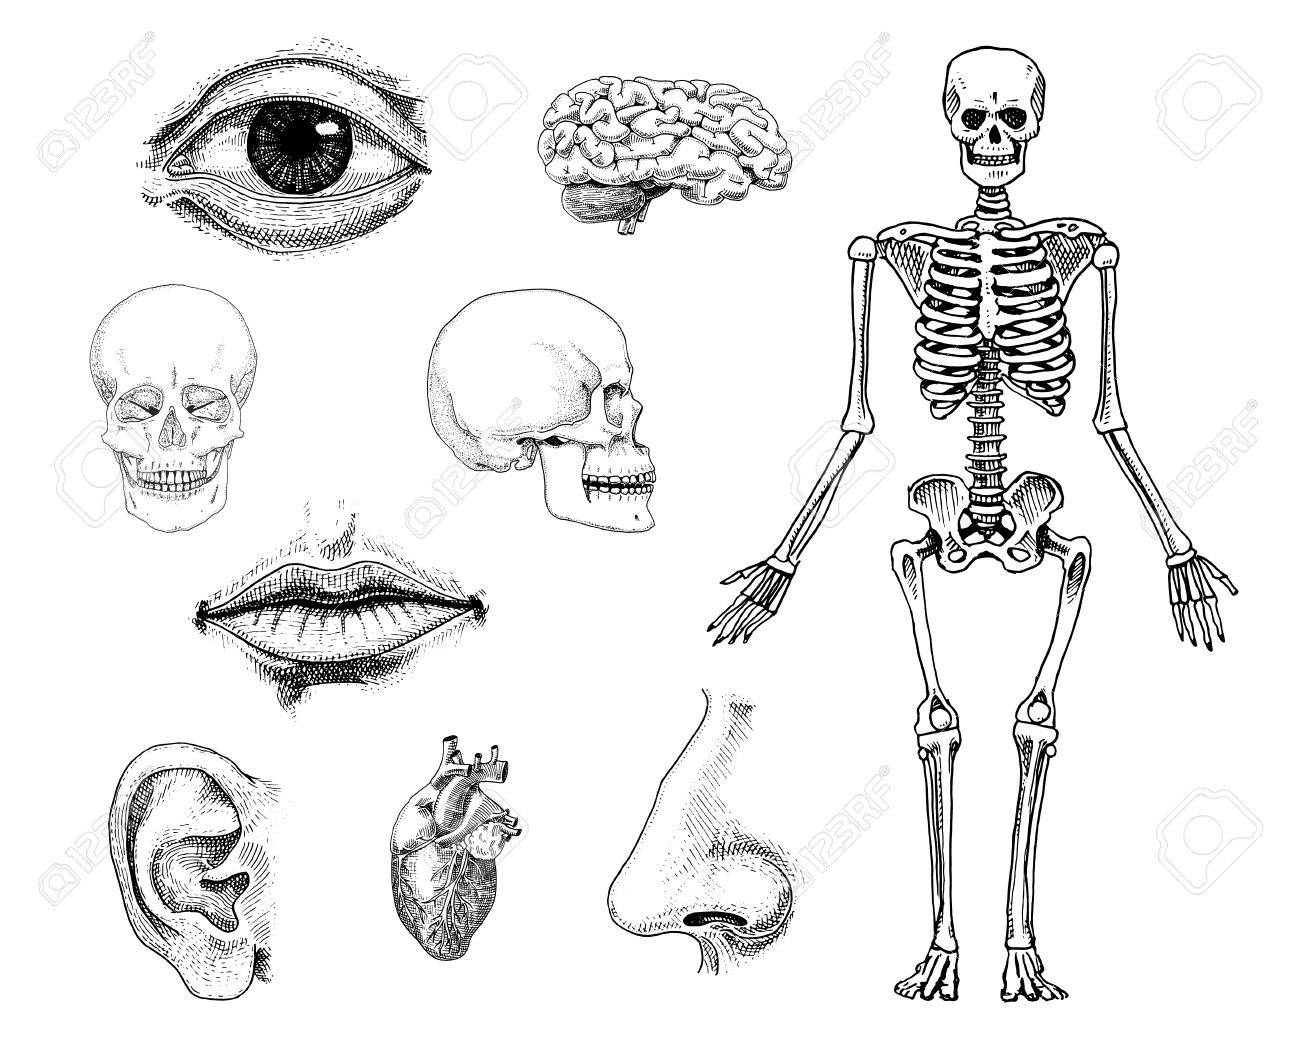 Biología Humana, Ilustración De La Anatomía. Mano Grabada En Boceto ...